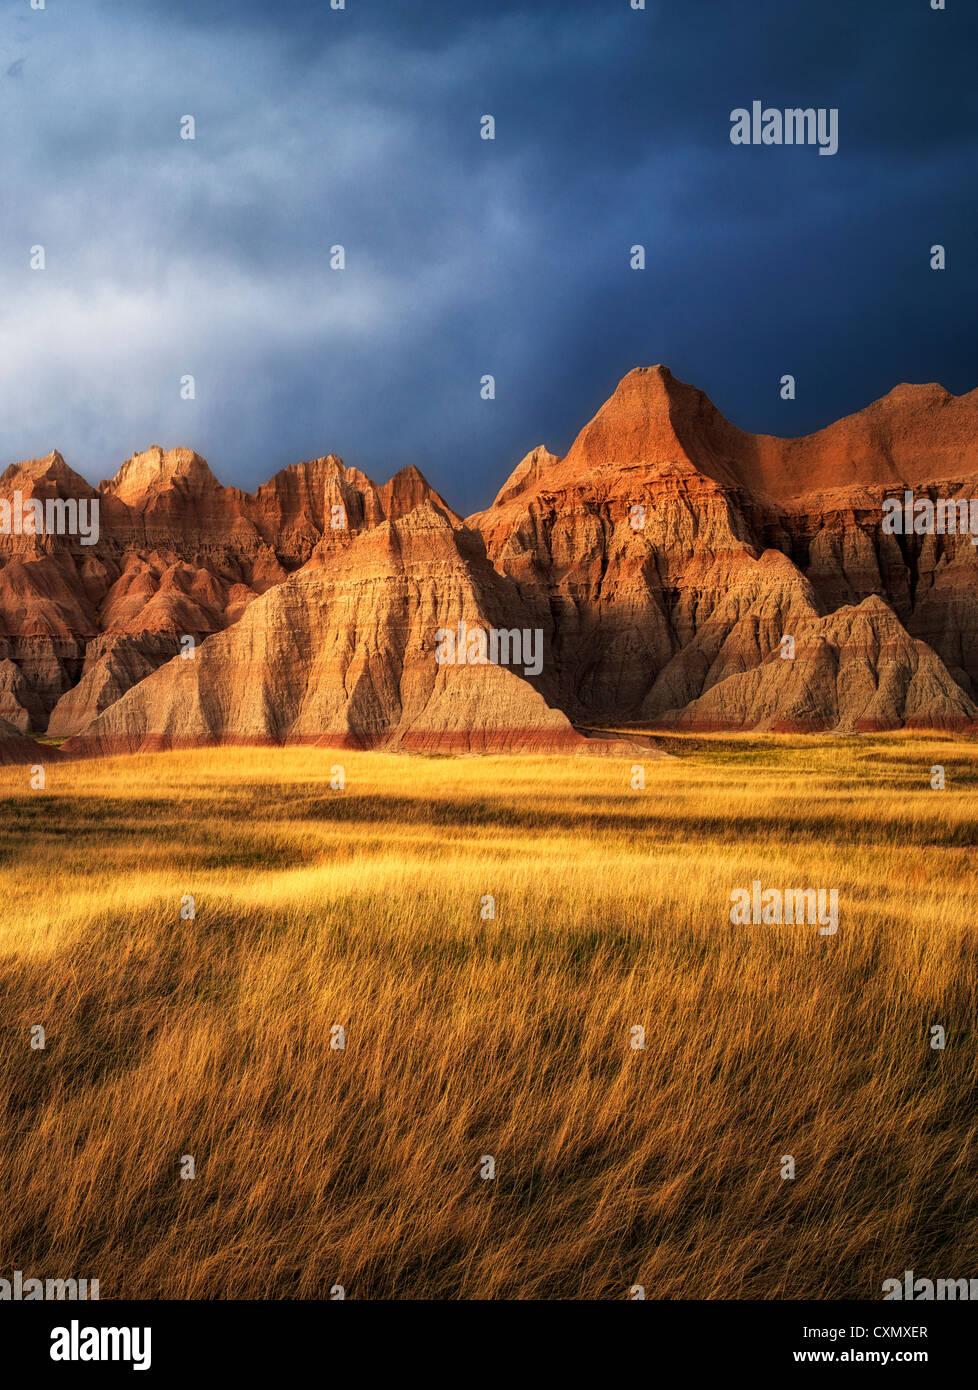 Rasen-Wiese und bunten Steinen. Badlands Nationalpark, South Dakota. Stockbild